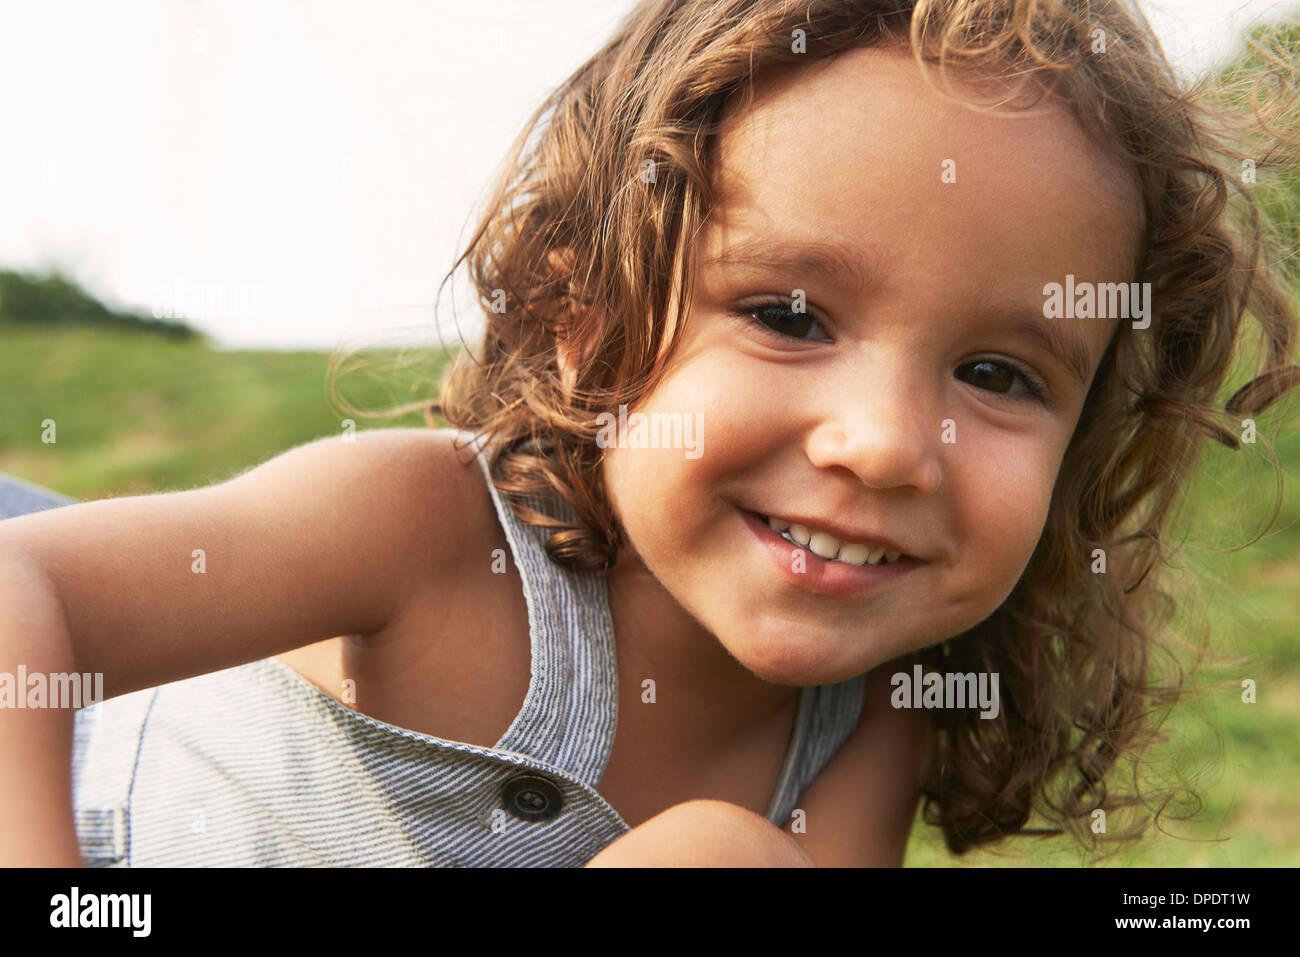 Portrait de jeune garçon avec les cheveux bruns, smiling Photo Stock